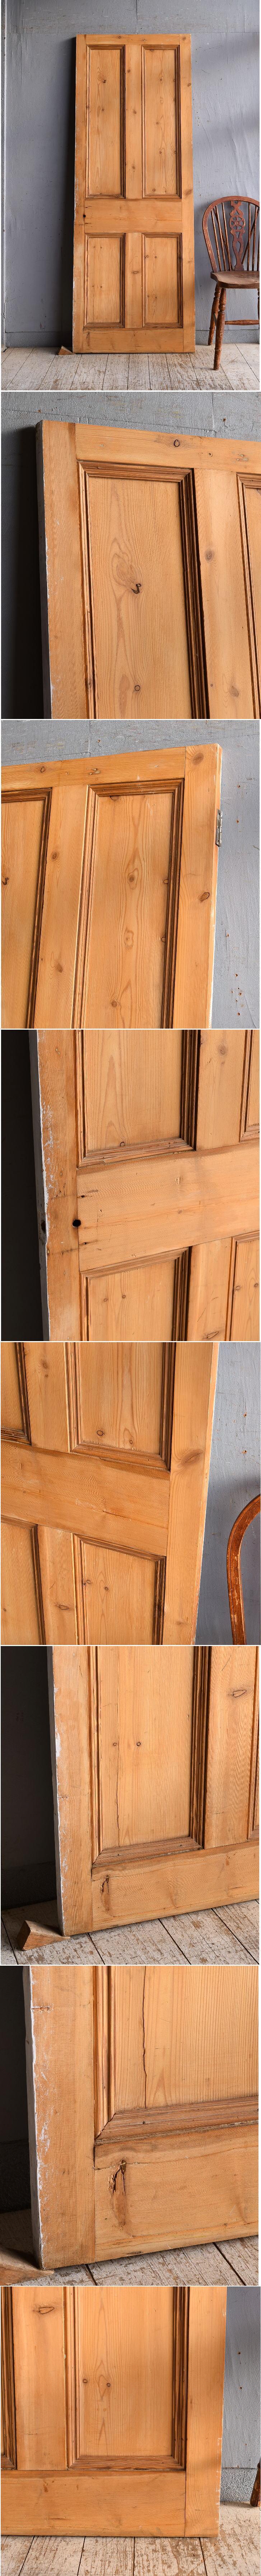 イギリス アンティーク オールドパイン ドア 扉 建具 9360